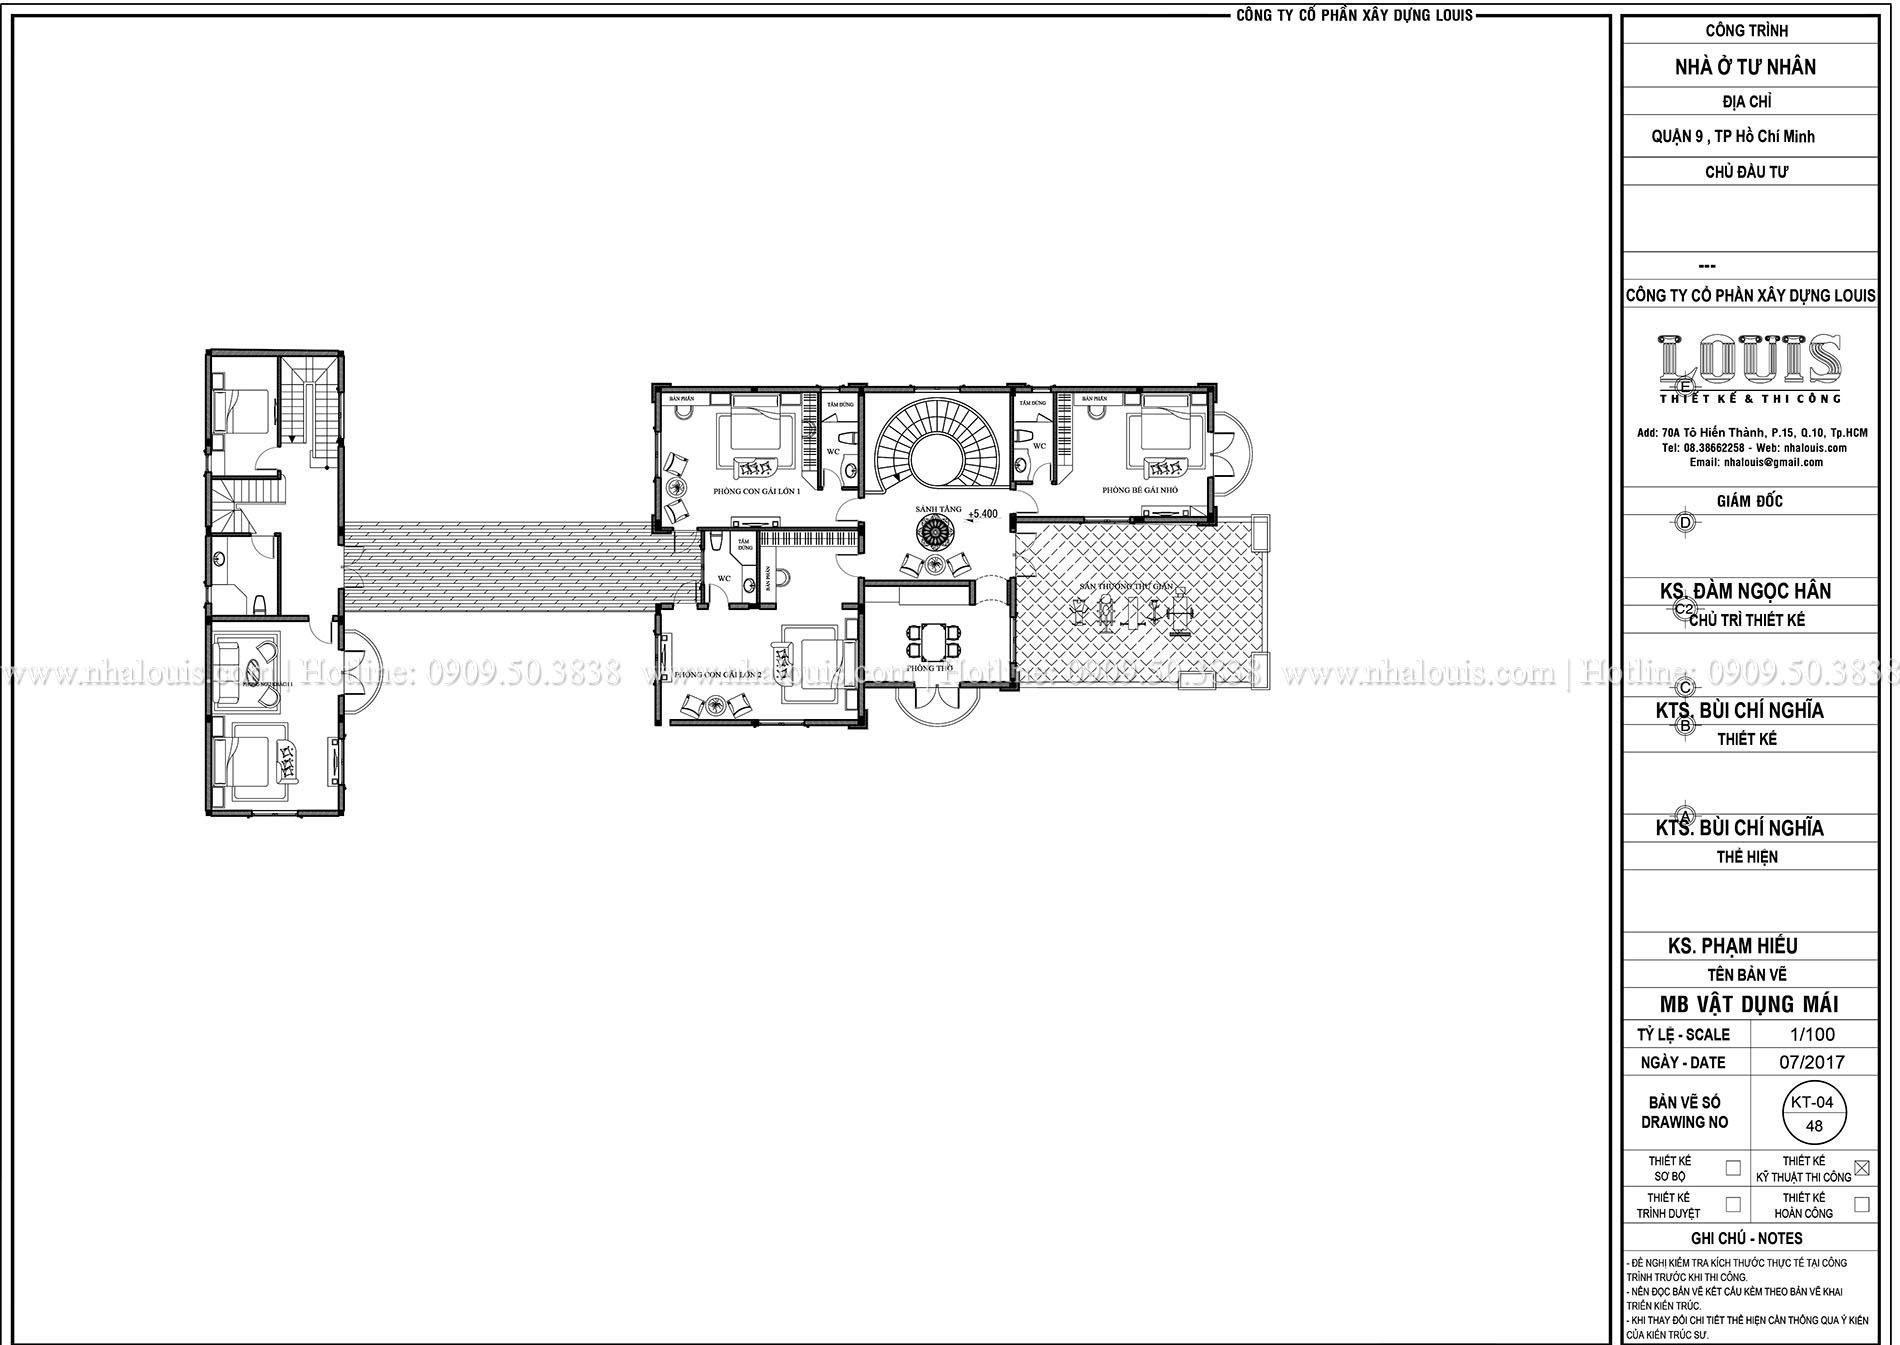 Mặt bằng lầu 1 biệt thự 2 tầng đẹp - 007